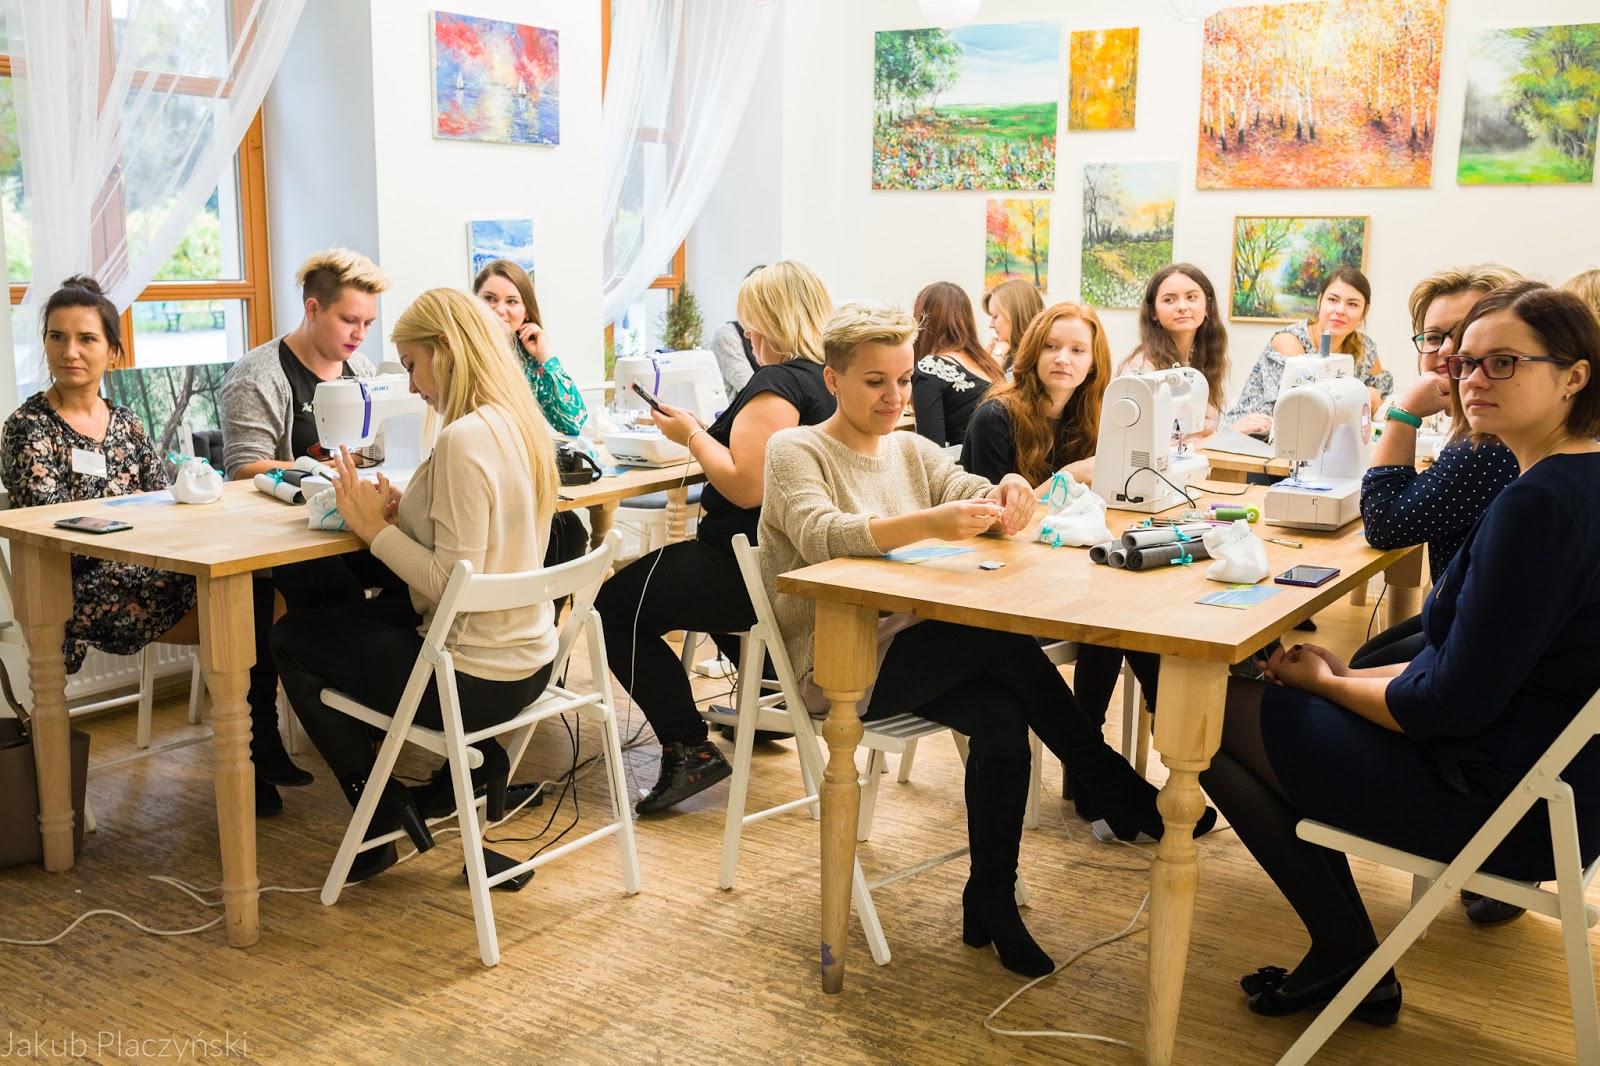 5 łodzkie blogerki spotkanie blogerek w łodzi blogerki lifestyle łódź blogerki kulinarne modowe urodowe z łodzi łódzkie spotkanie spotkajmy się w Łodzi III melodylaniella Jakub Placzyński fotograf